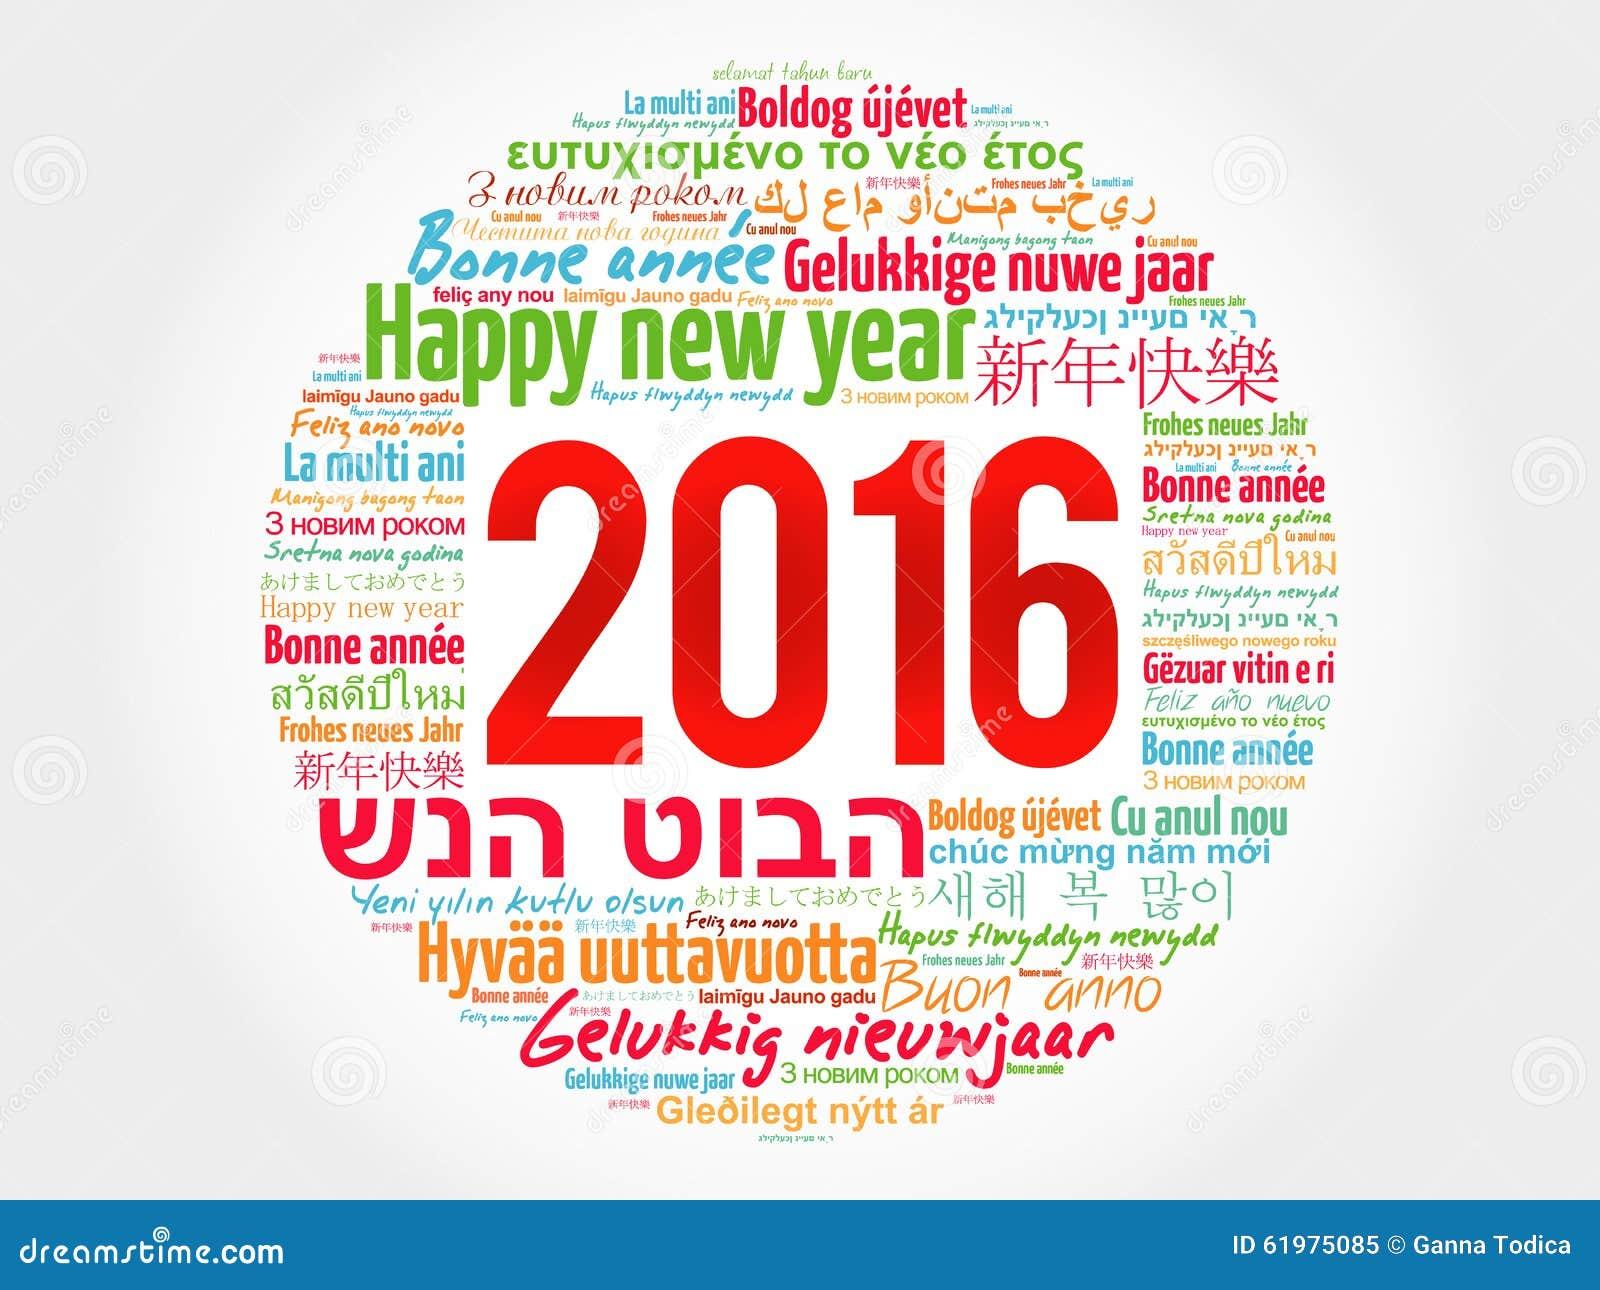 2016 bonnes ann es dans diff rentes langues photo stock - Bonne annee dans toutes les langues ...